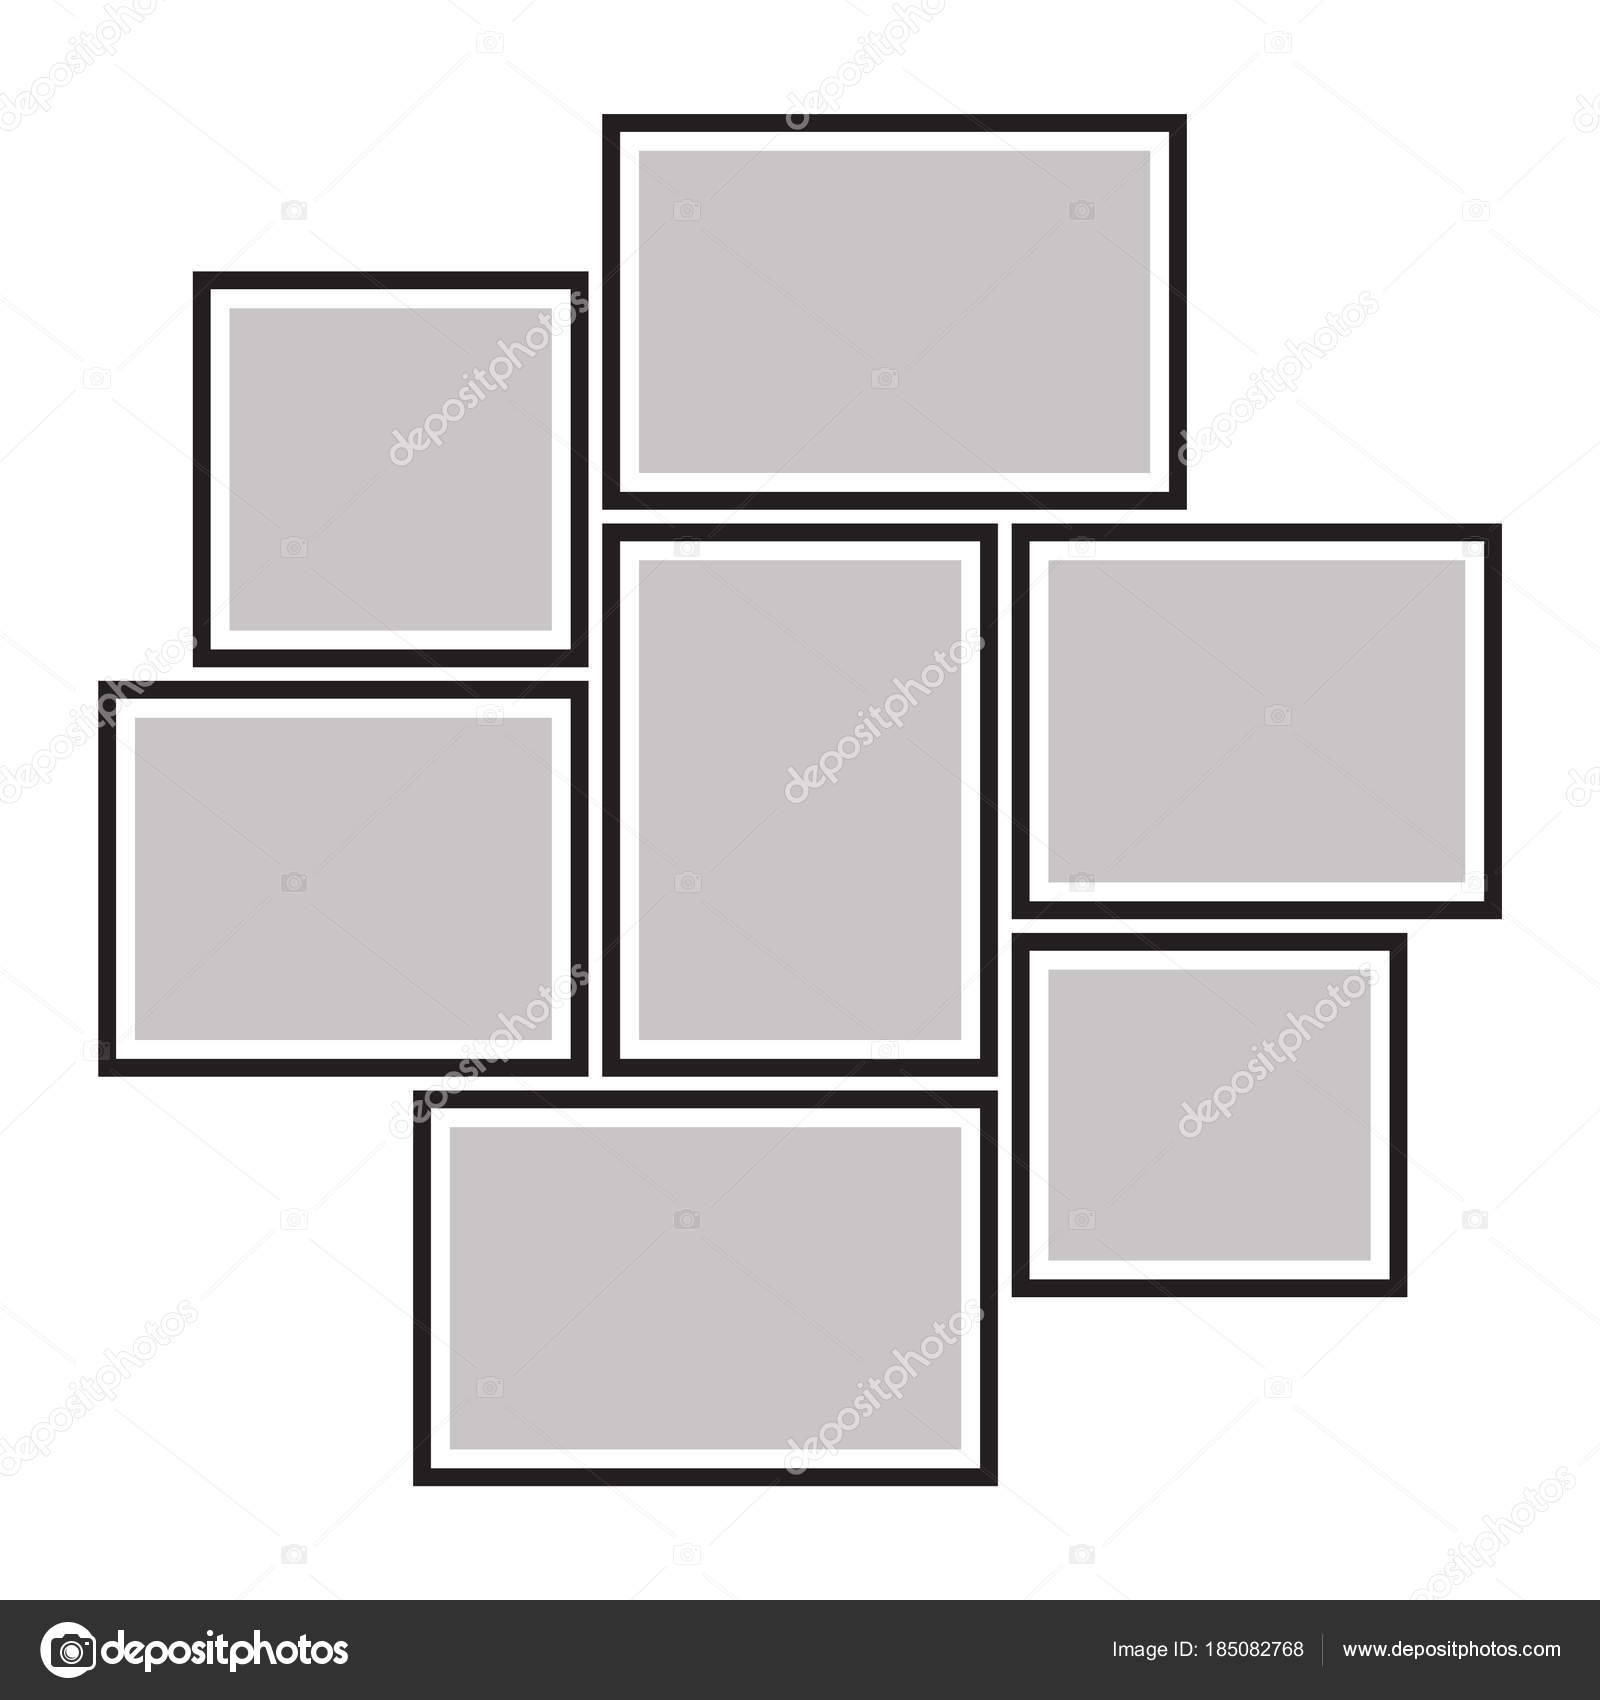 Marco vectorial para fotos, collage de fotos, imágenes, rompecabezas ...